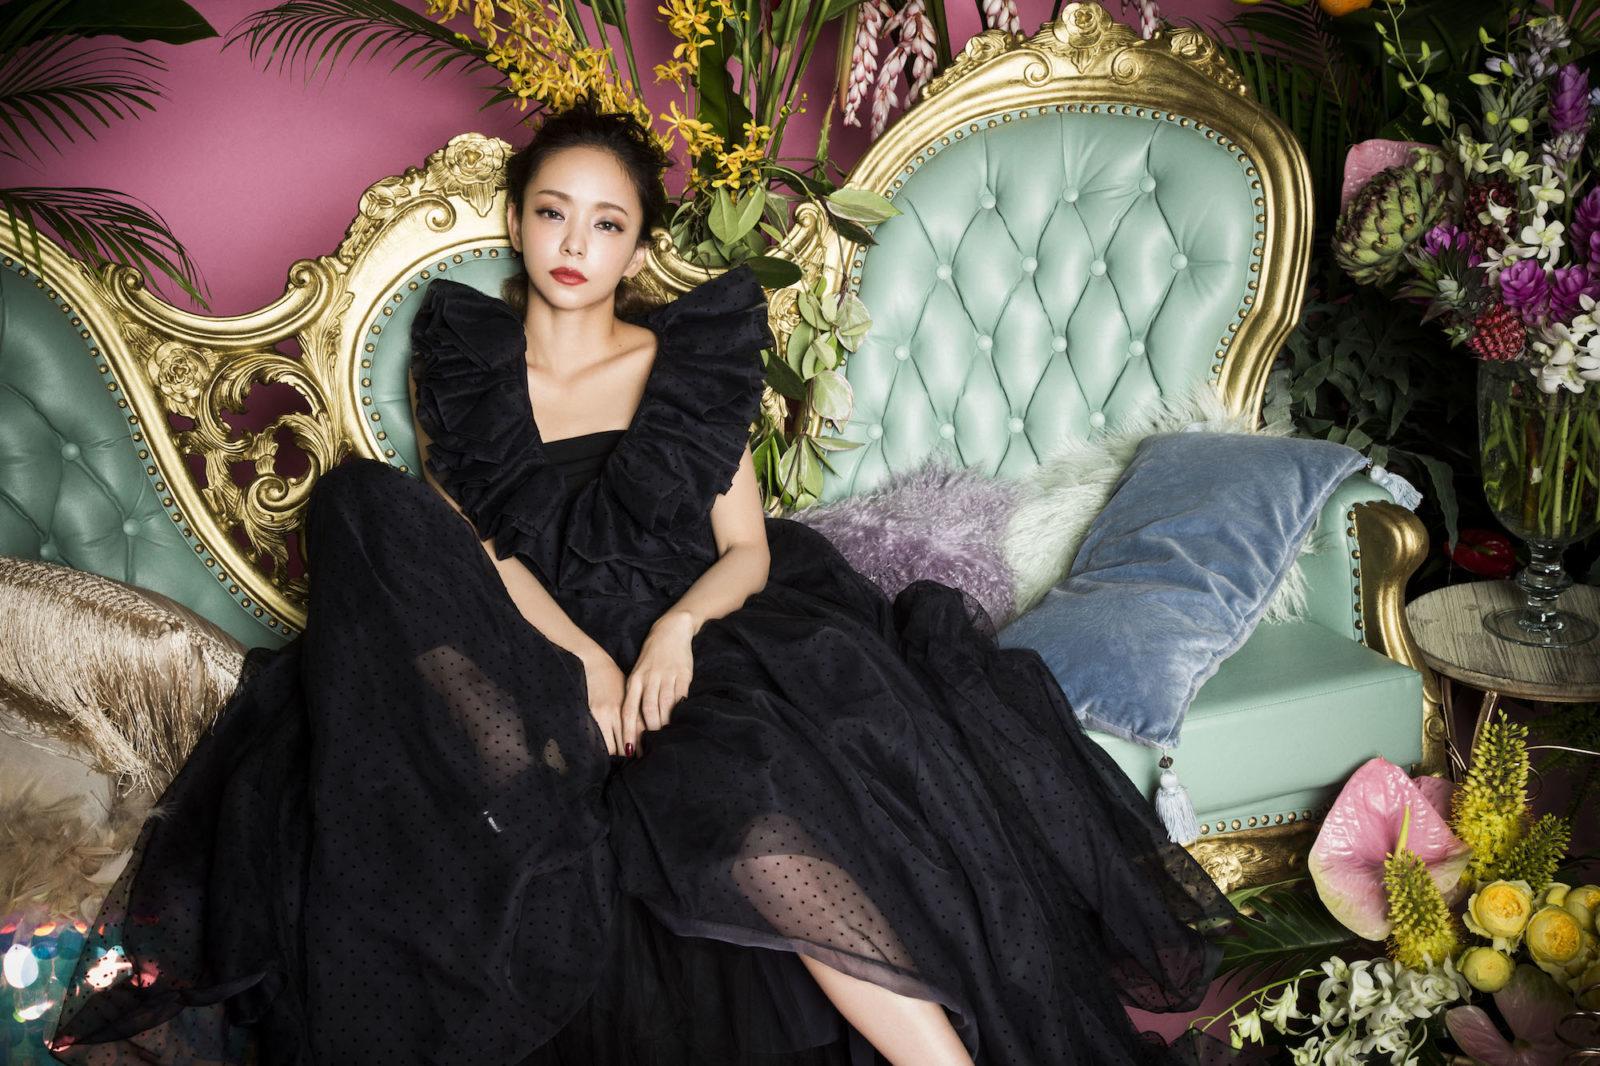 安室奈美恵 芸能界入り時のある意外な目標明かし、ネットでは「見てみたいかも」「今からでも…」の声サムネイル画像